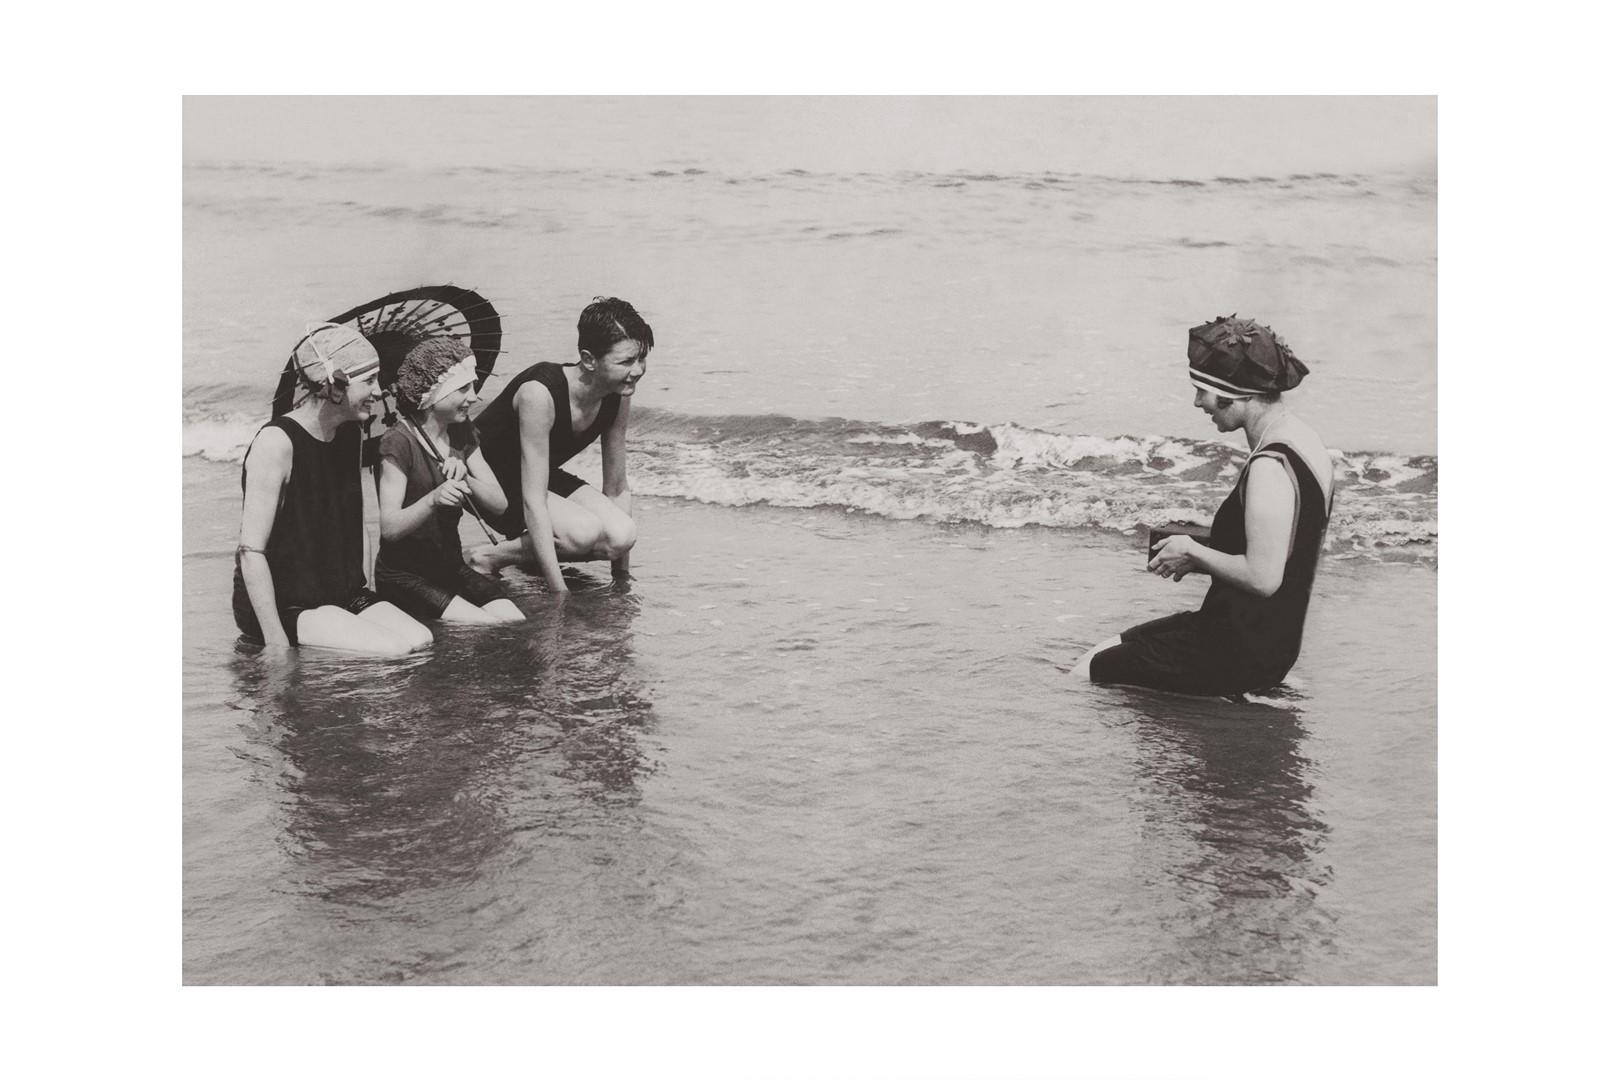 Photo ancienne noir et blanc mer n°54 cadre noir 70x105cm